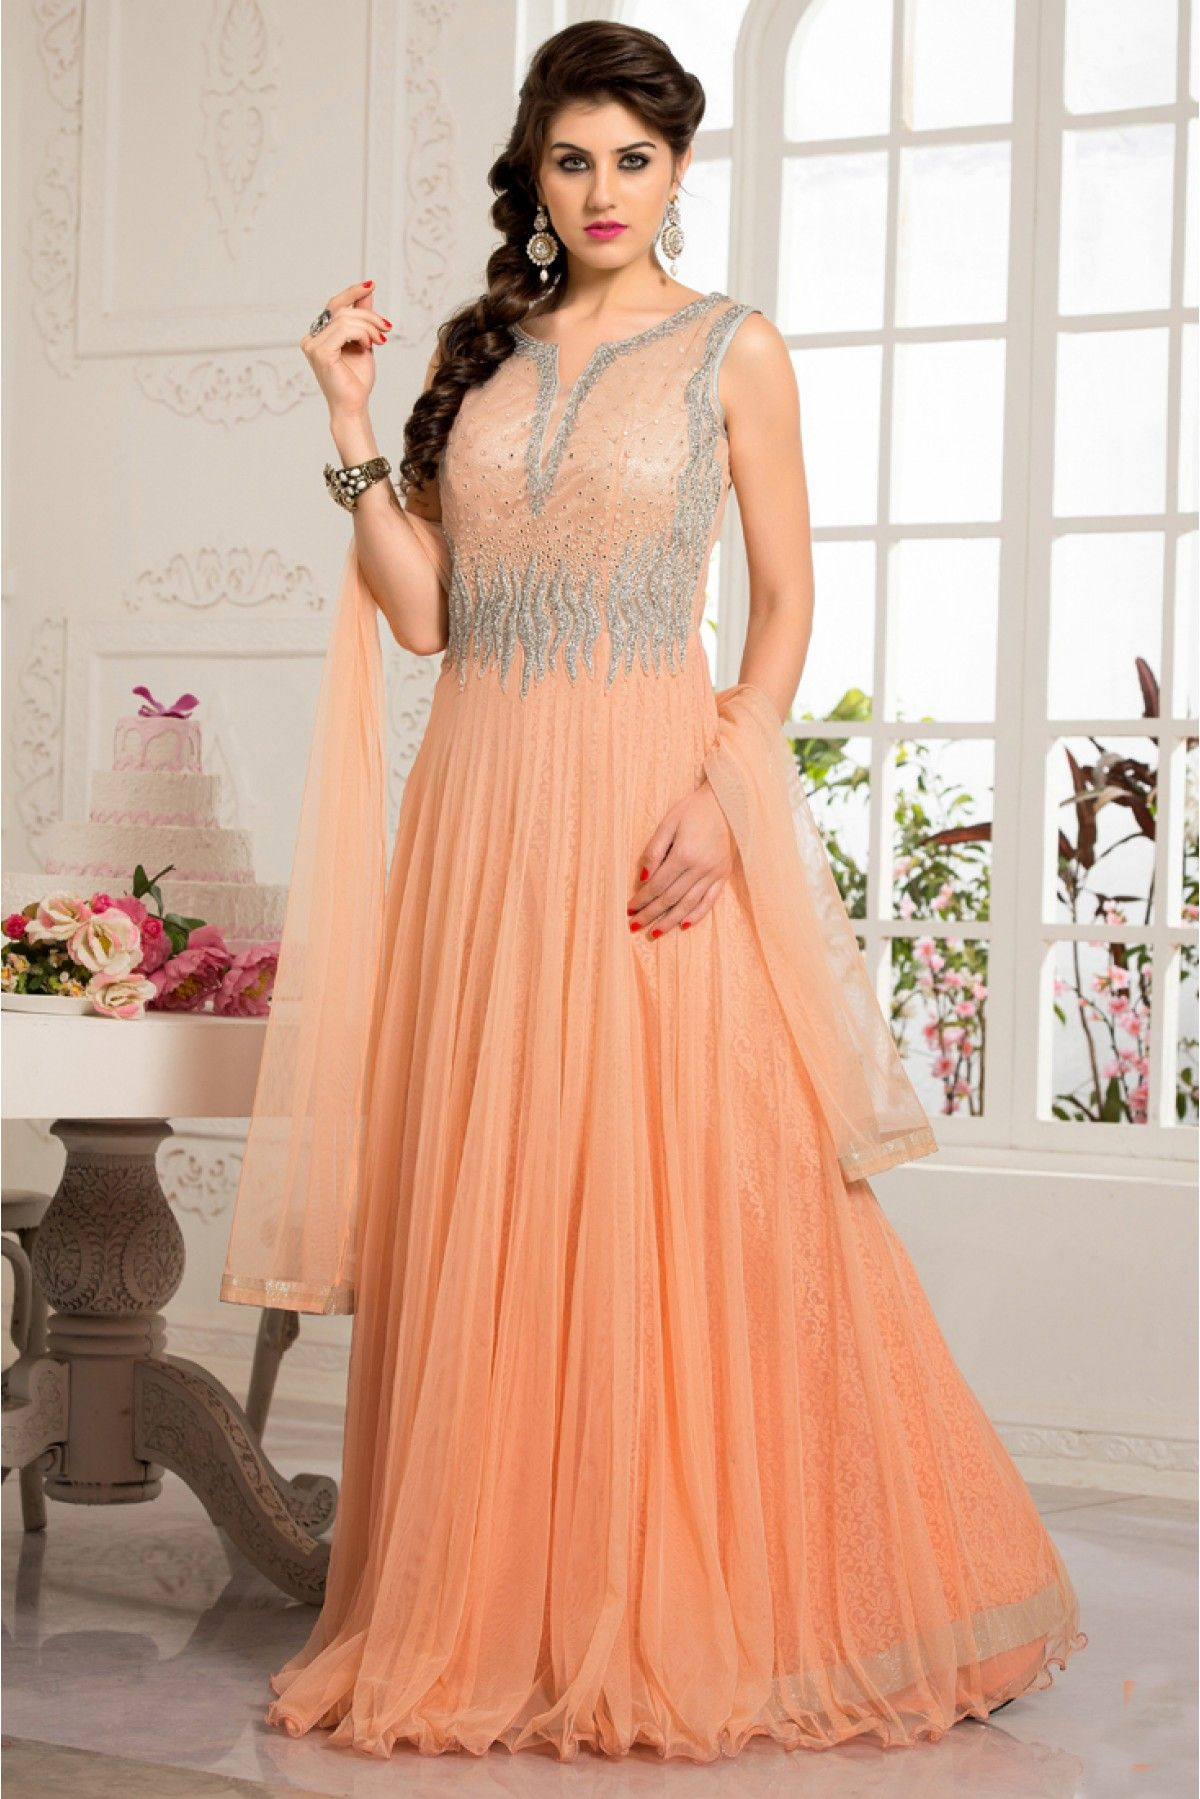 Designer salwar kameez mesmeric peach color net designer suit - Net Semi Stitched Party Wear Gown In Peach Colour